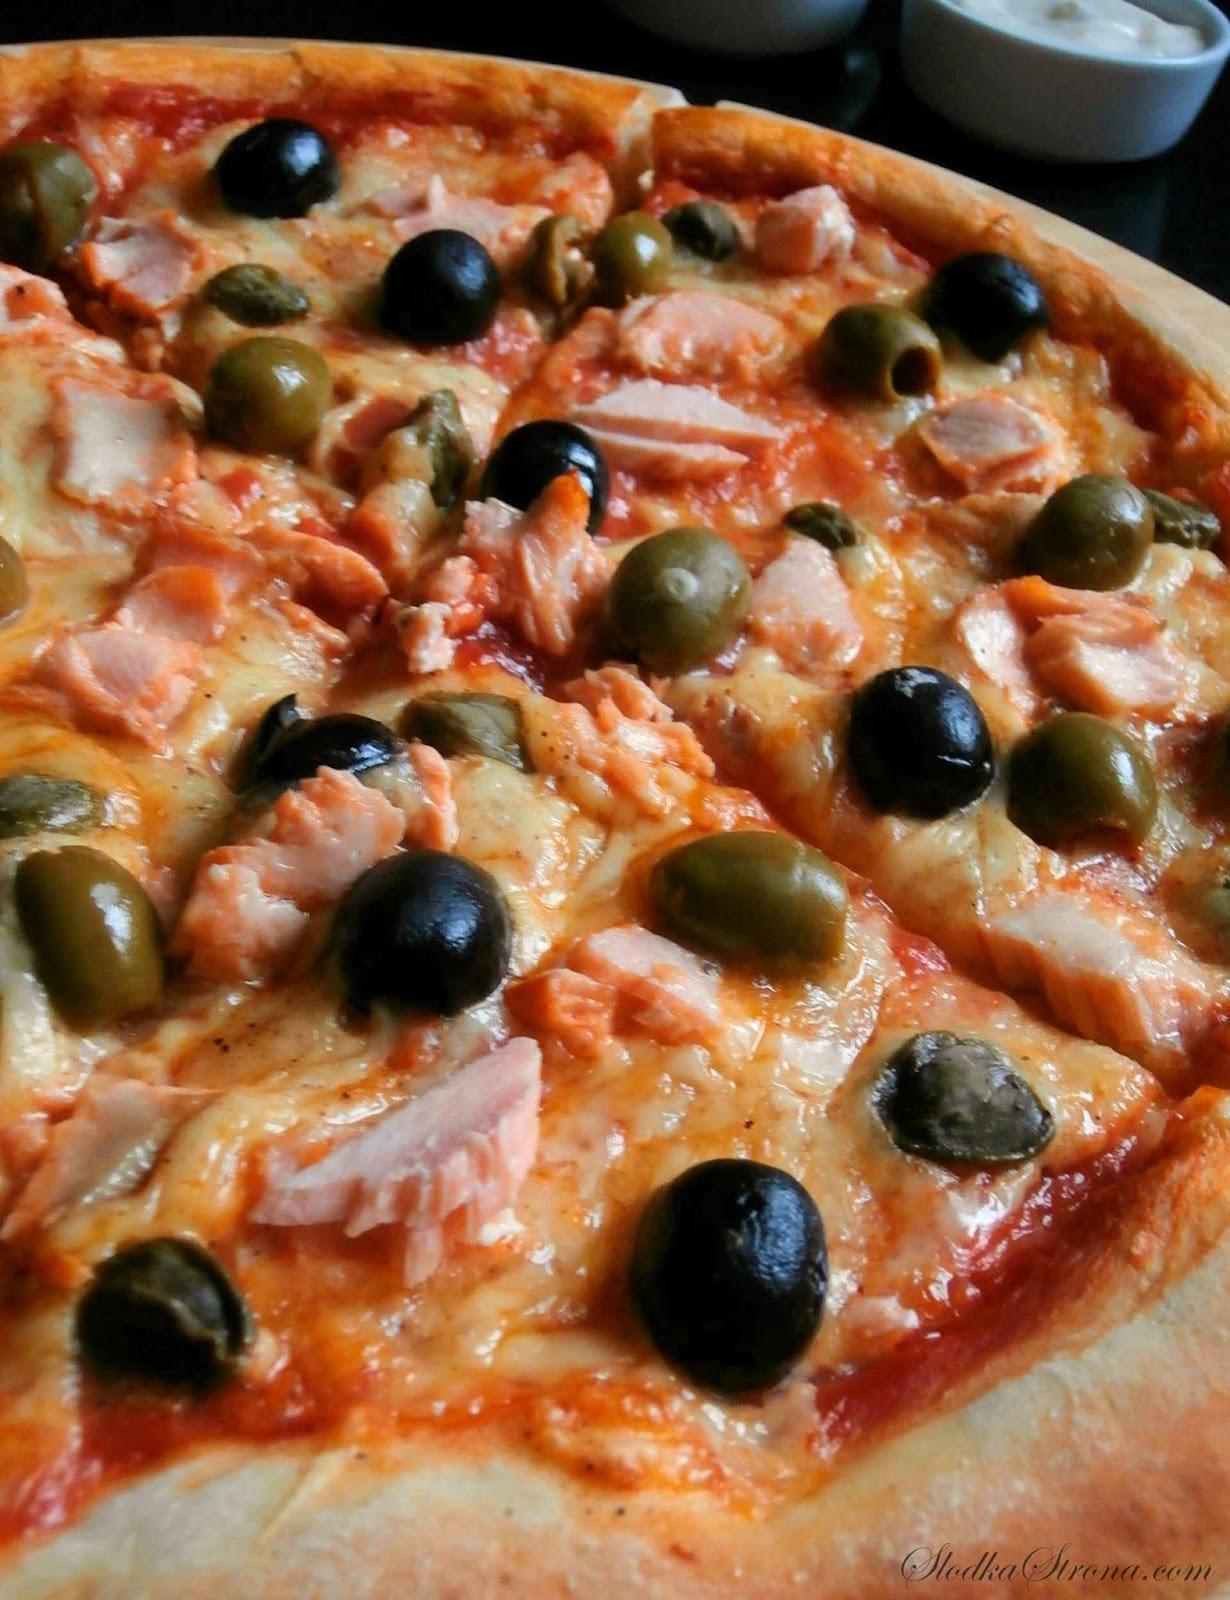 Domowa Pizza z Łososiem, Oliwkami i Kaparami - Przepis - Słodka Strona